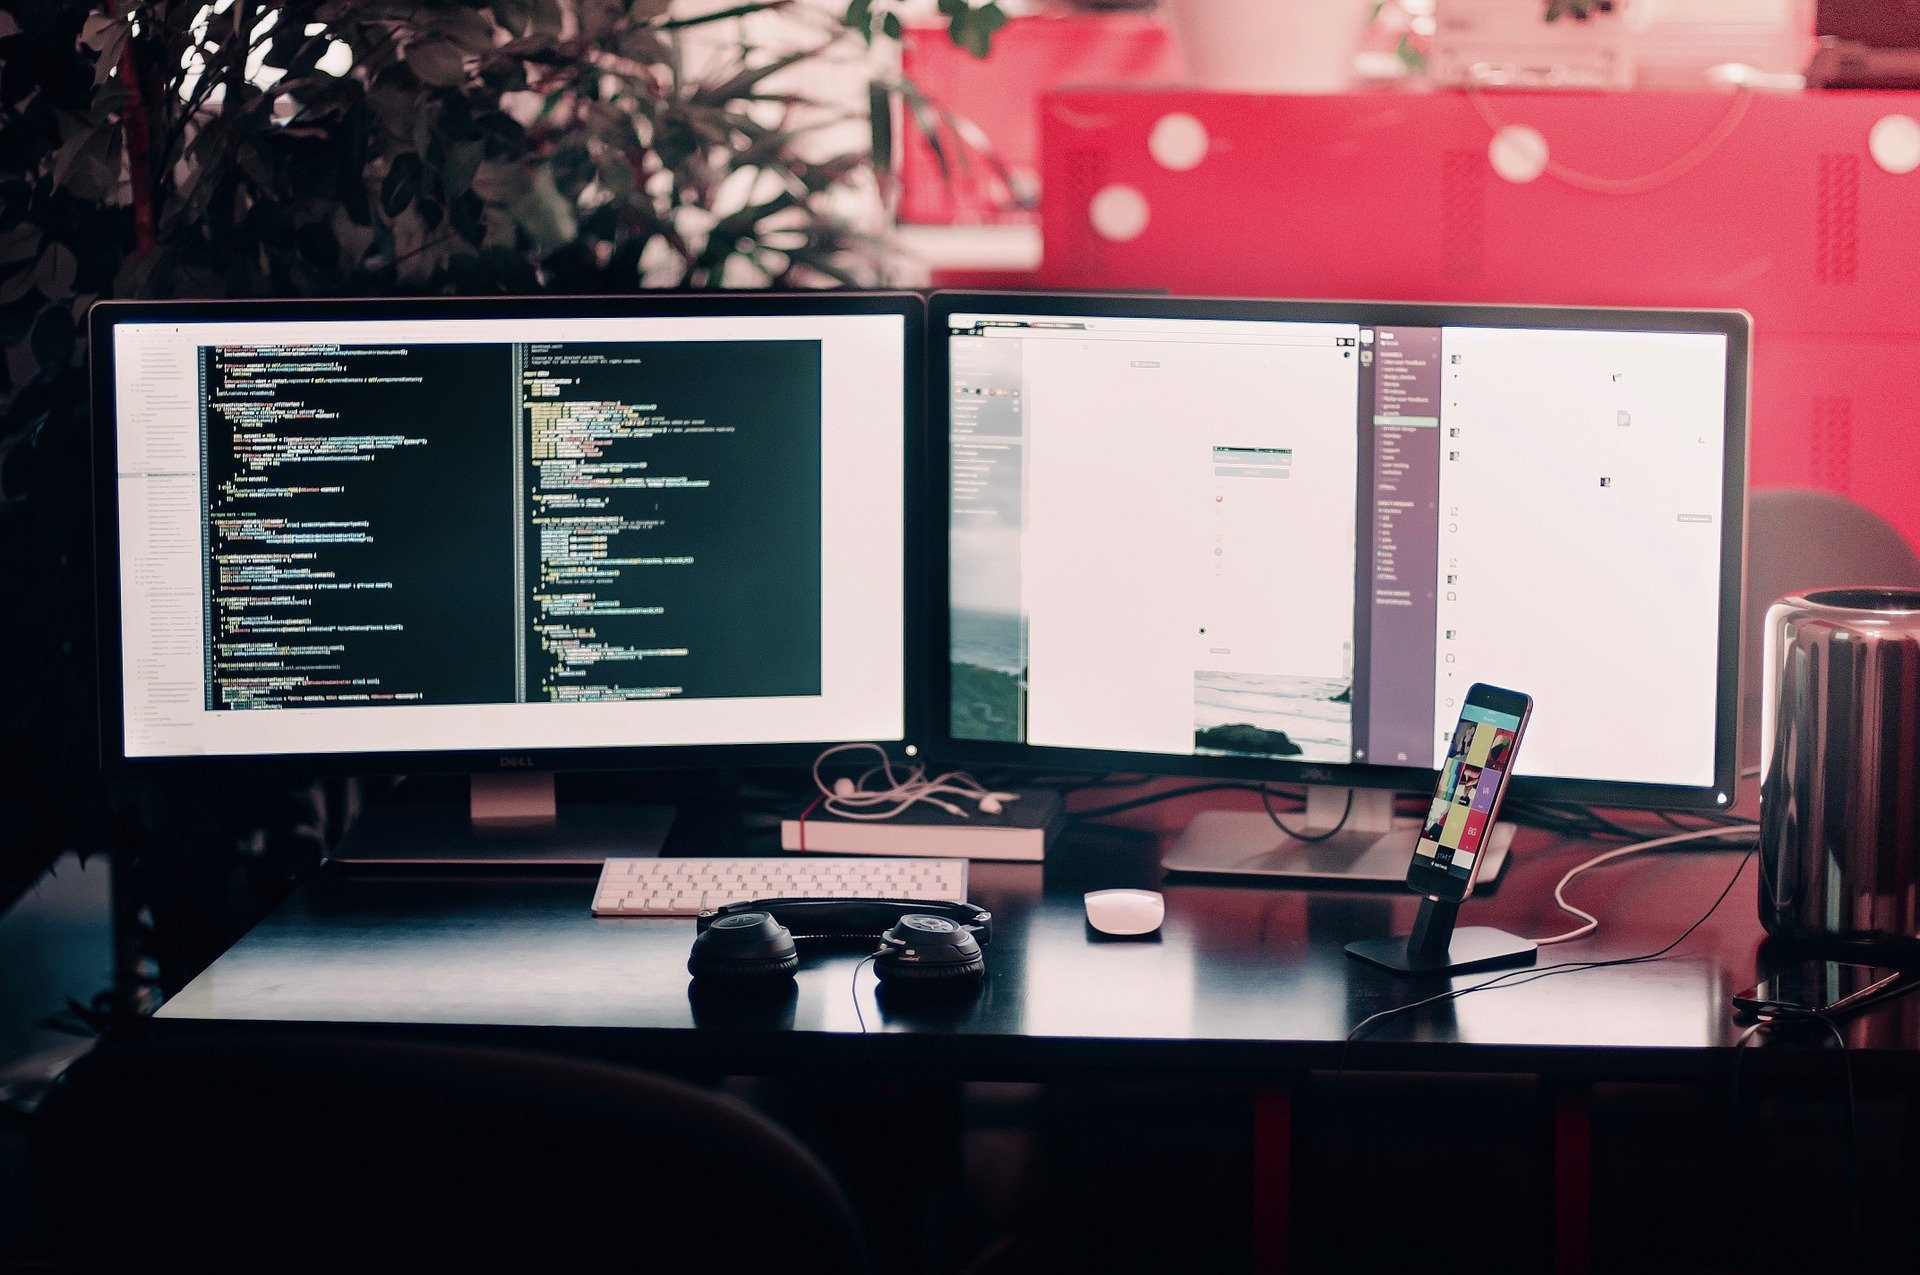 computerschermen met code